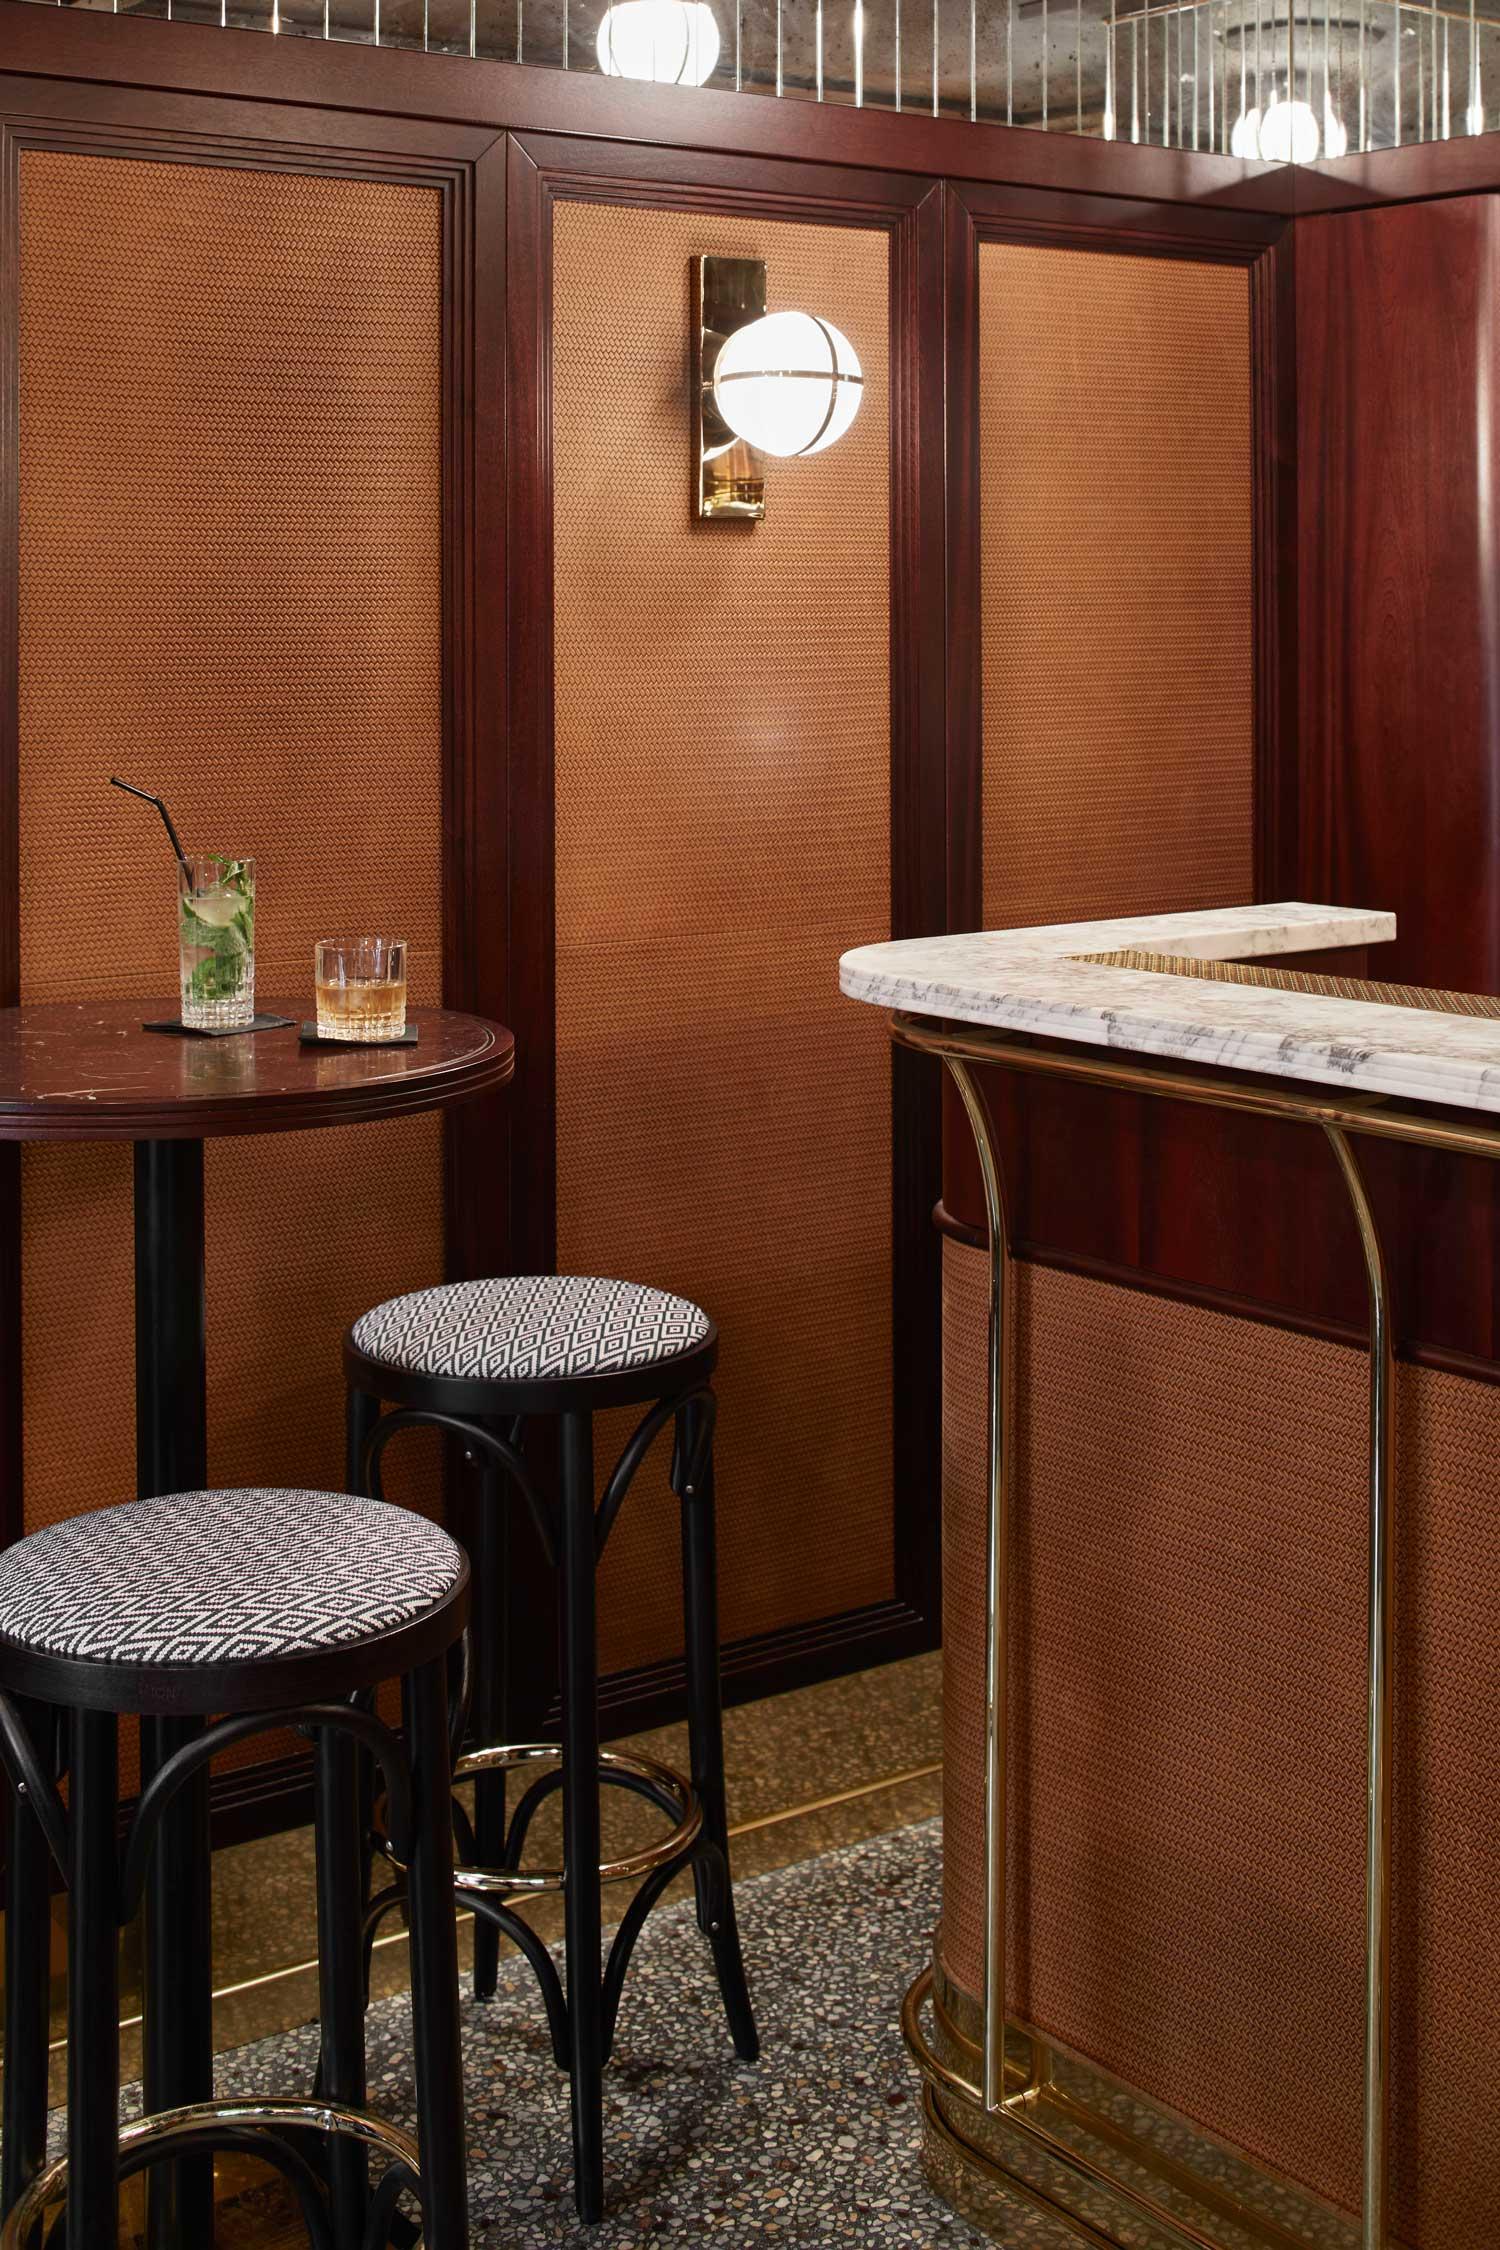 Catc Interior Design